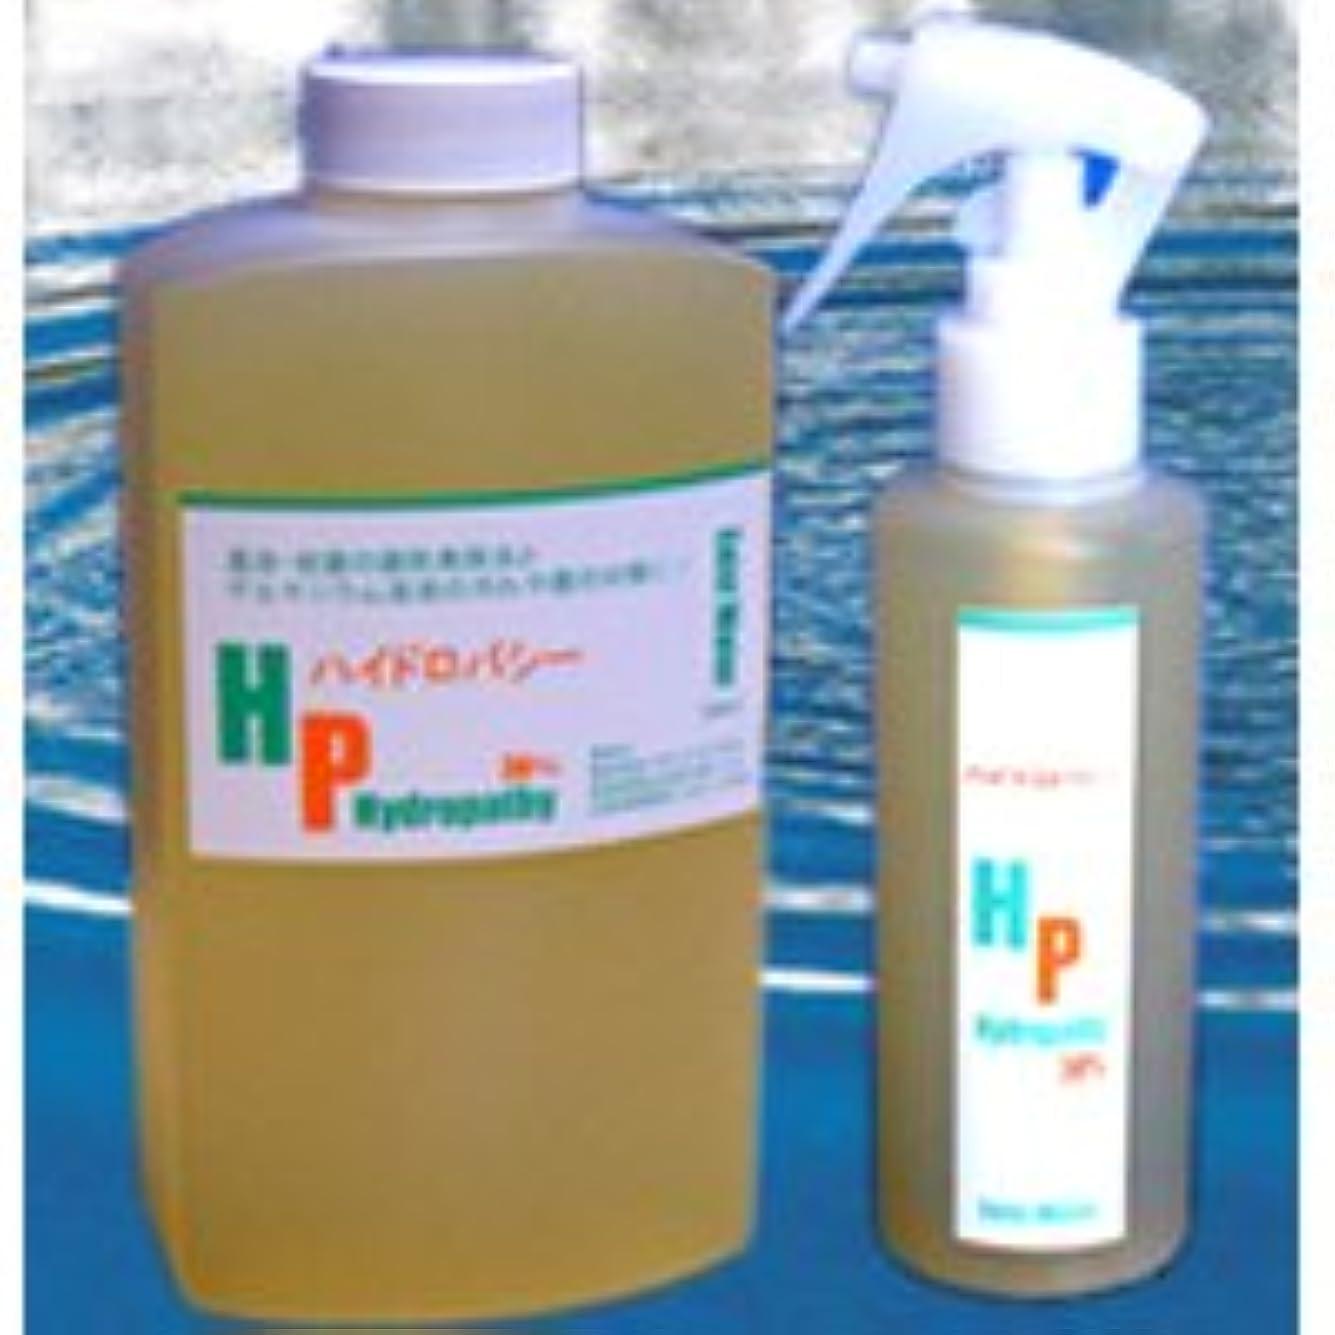 ハイドロパシー 550ml(培養濃度 30%)×2本セット